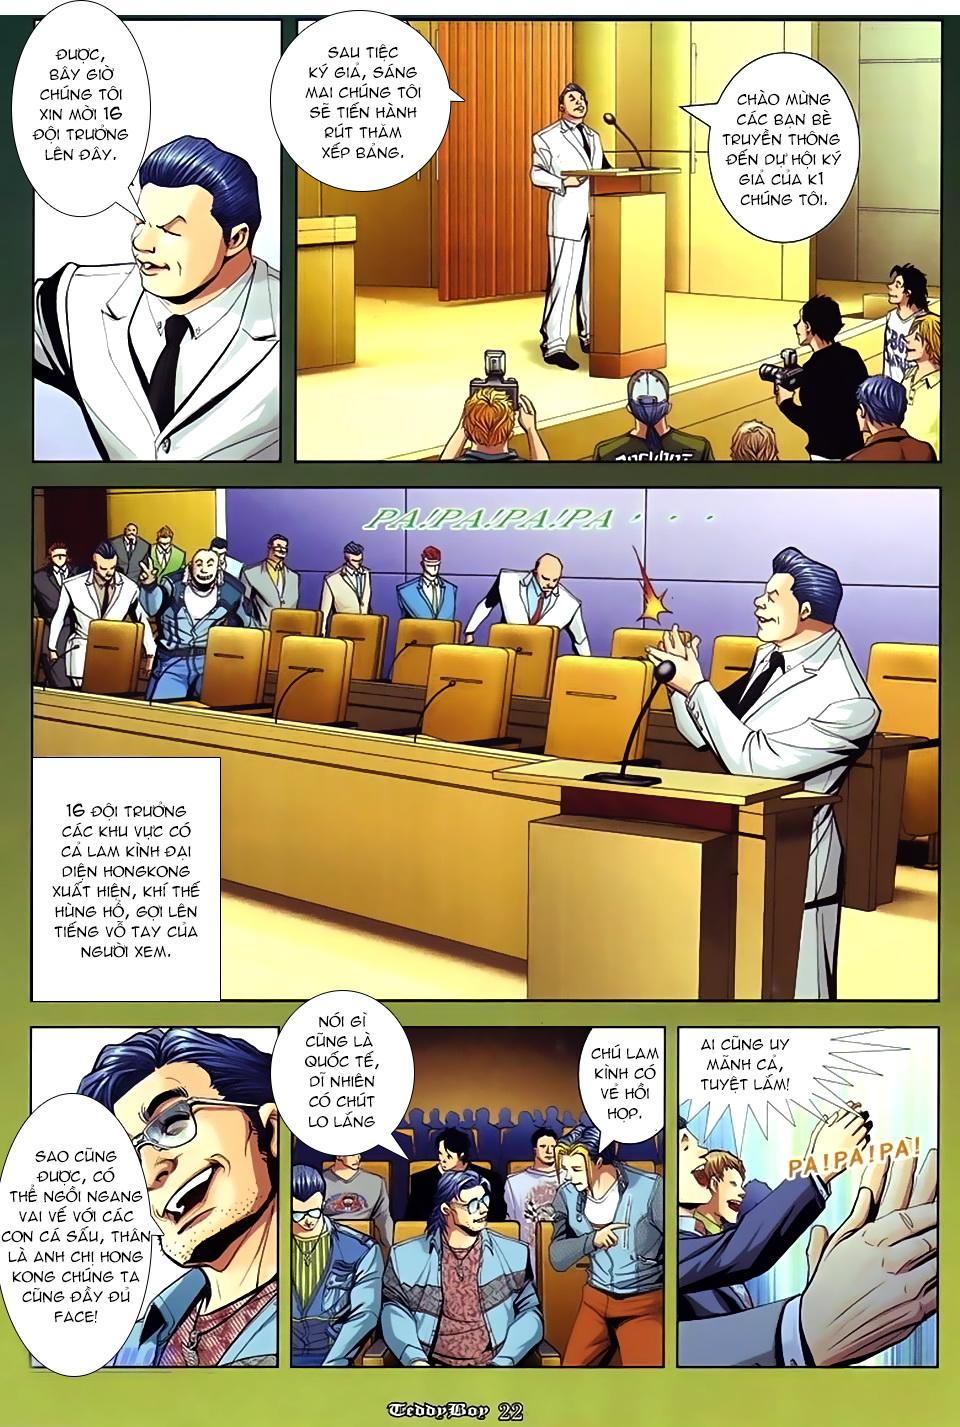 Người Trong Giang Hồ NetTruyen chap 870 - Trang 16